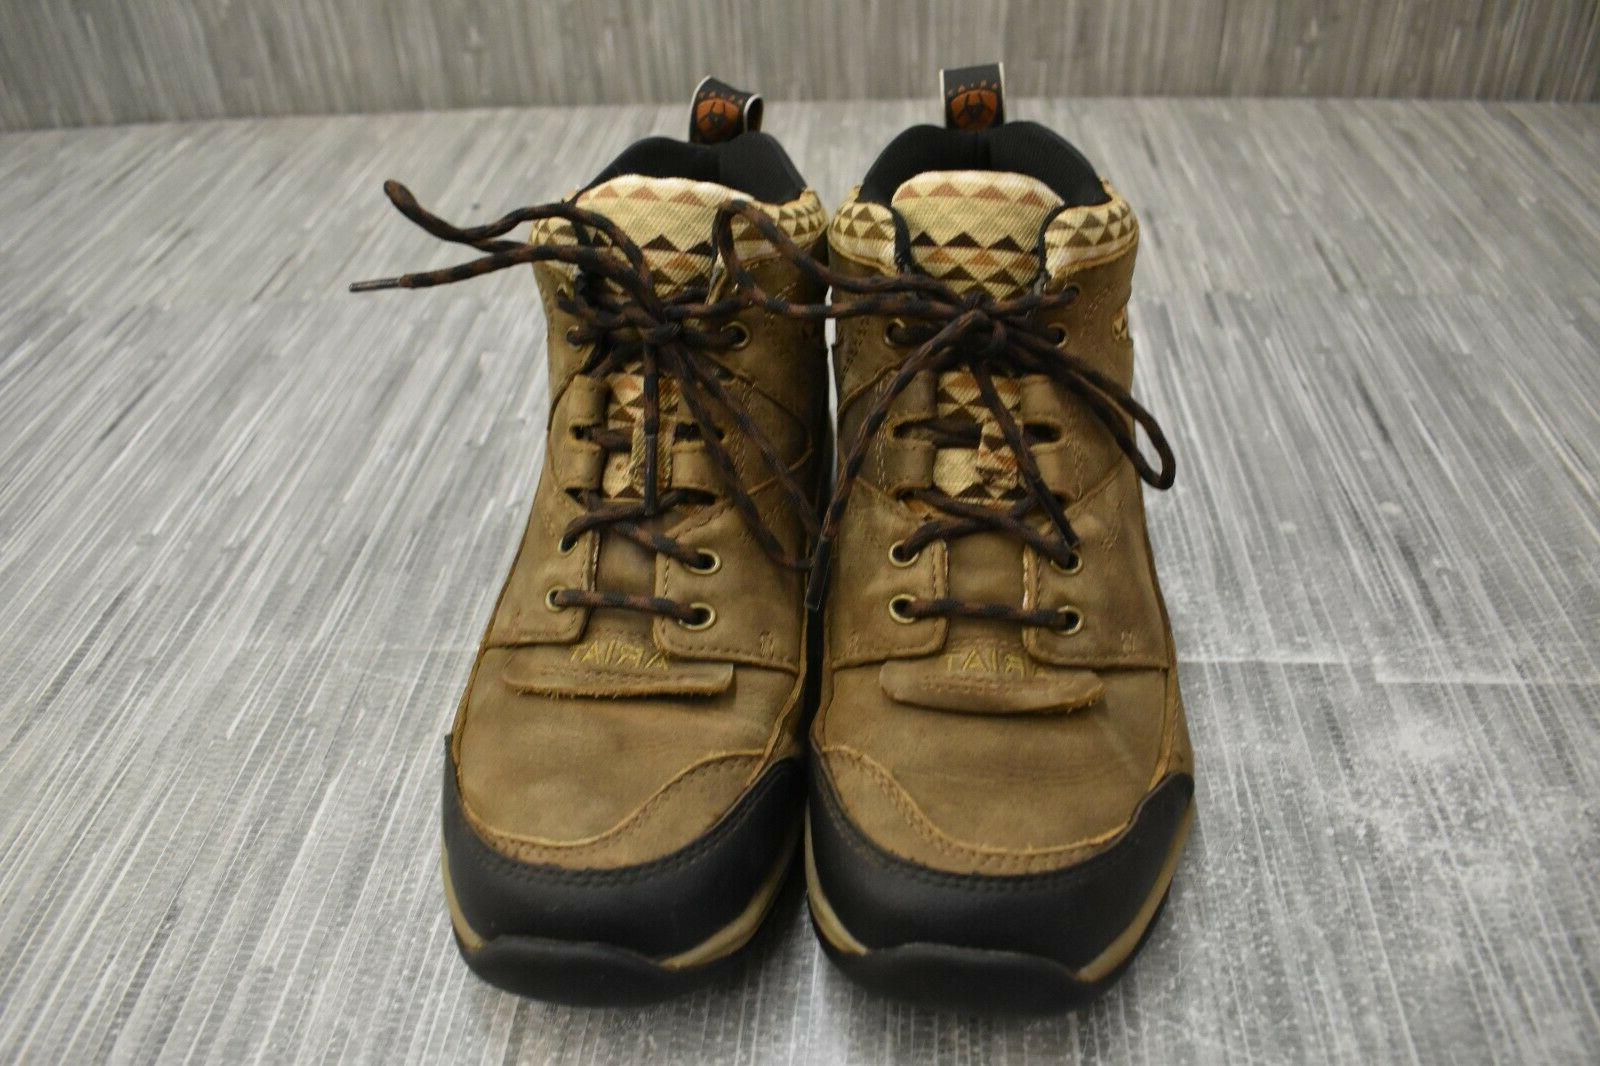 Ariat Boots, Women's B,